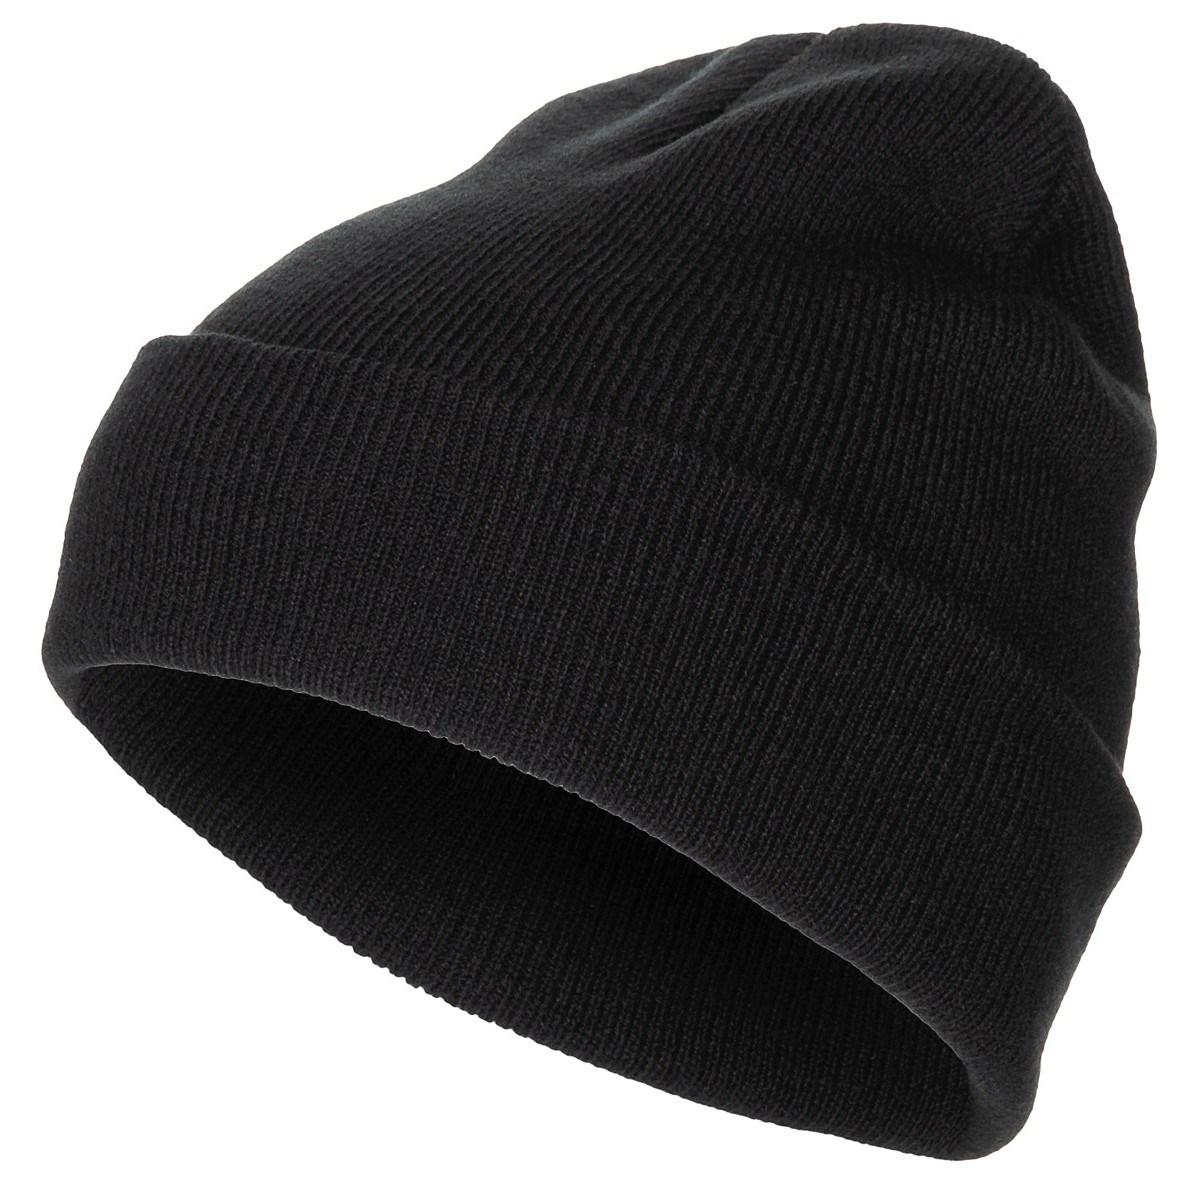 Čepice jemně pletená Acryl ČERNÁ